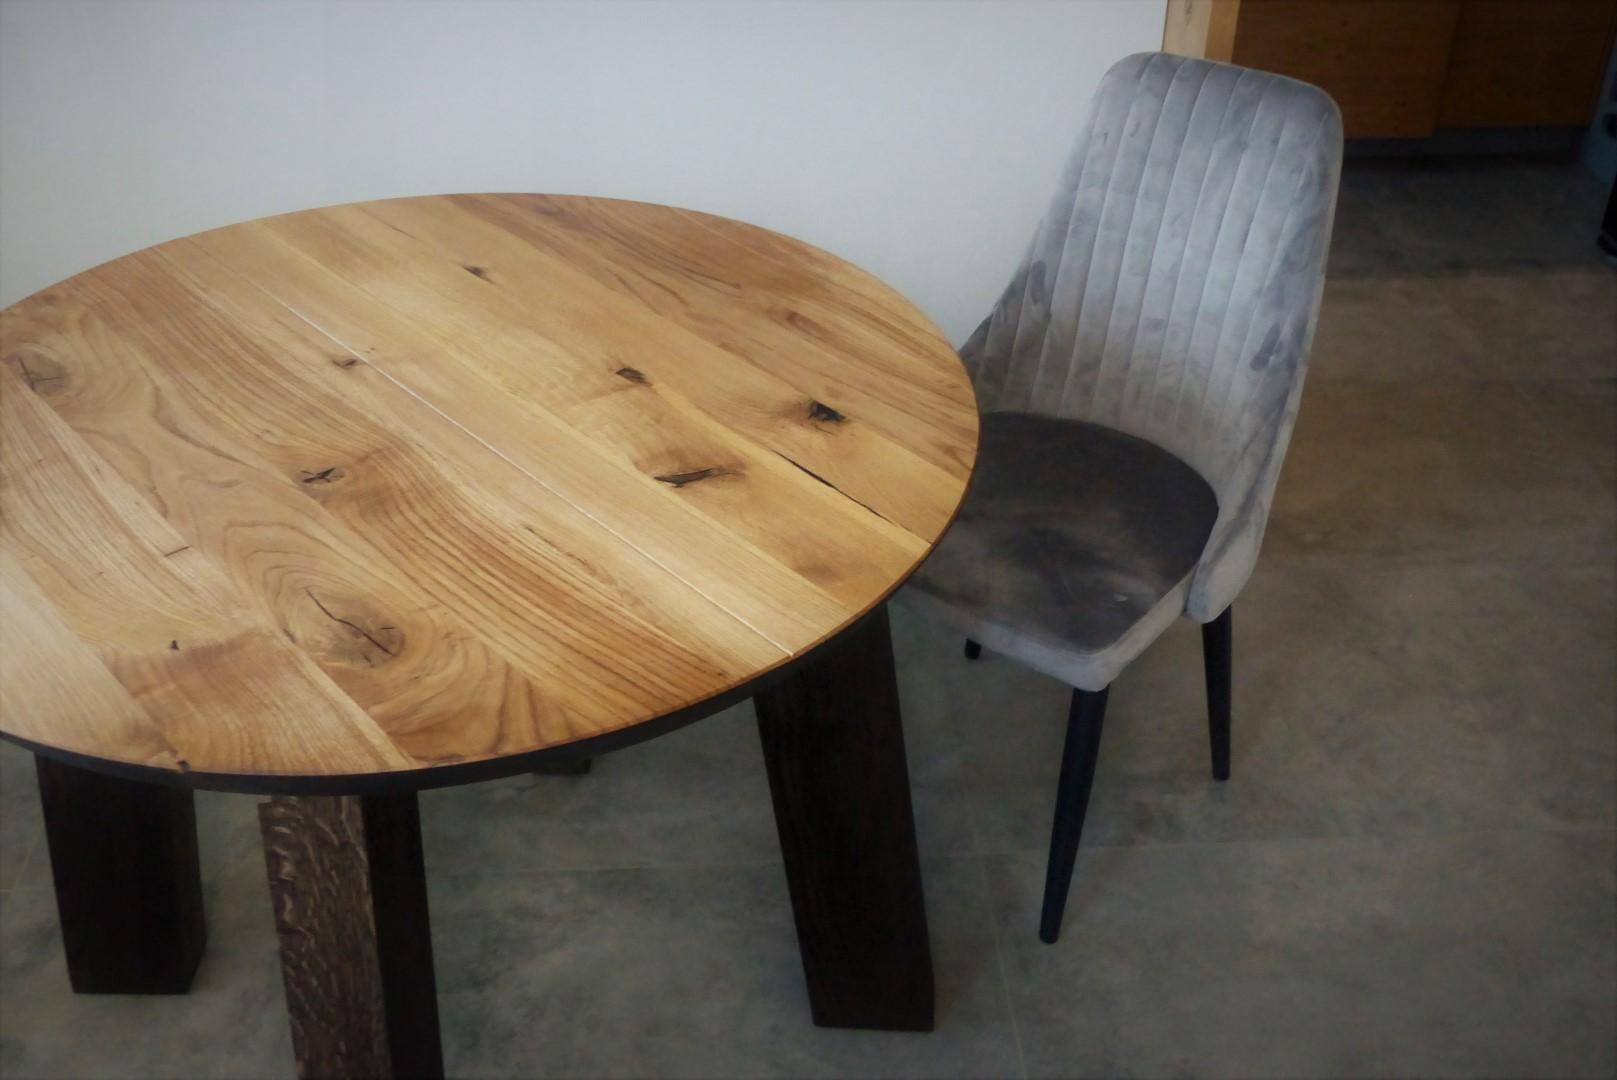 Okrągły stół dębowy z nogami z litego drewna #2